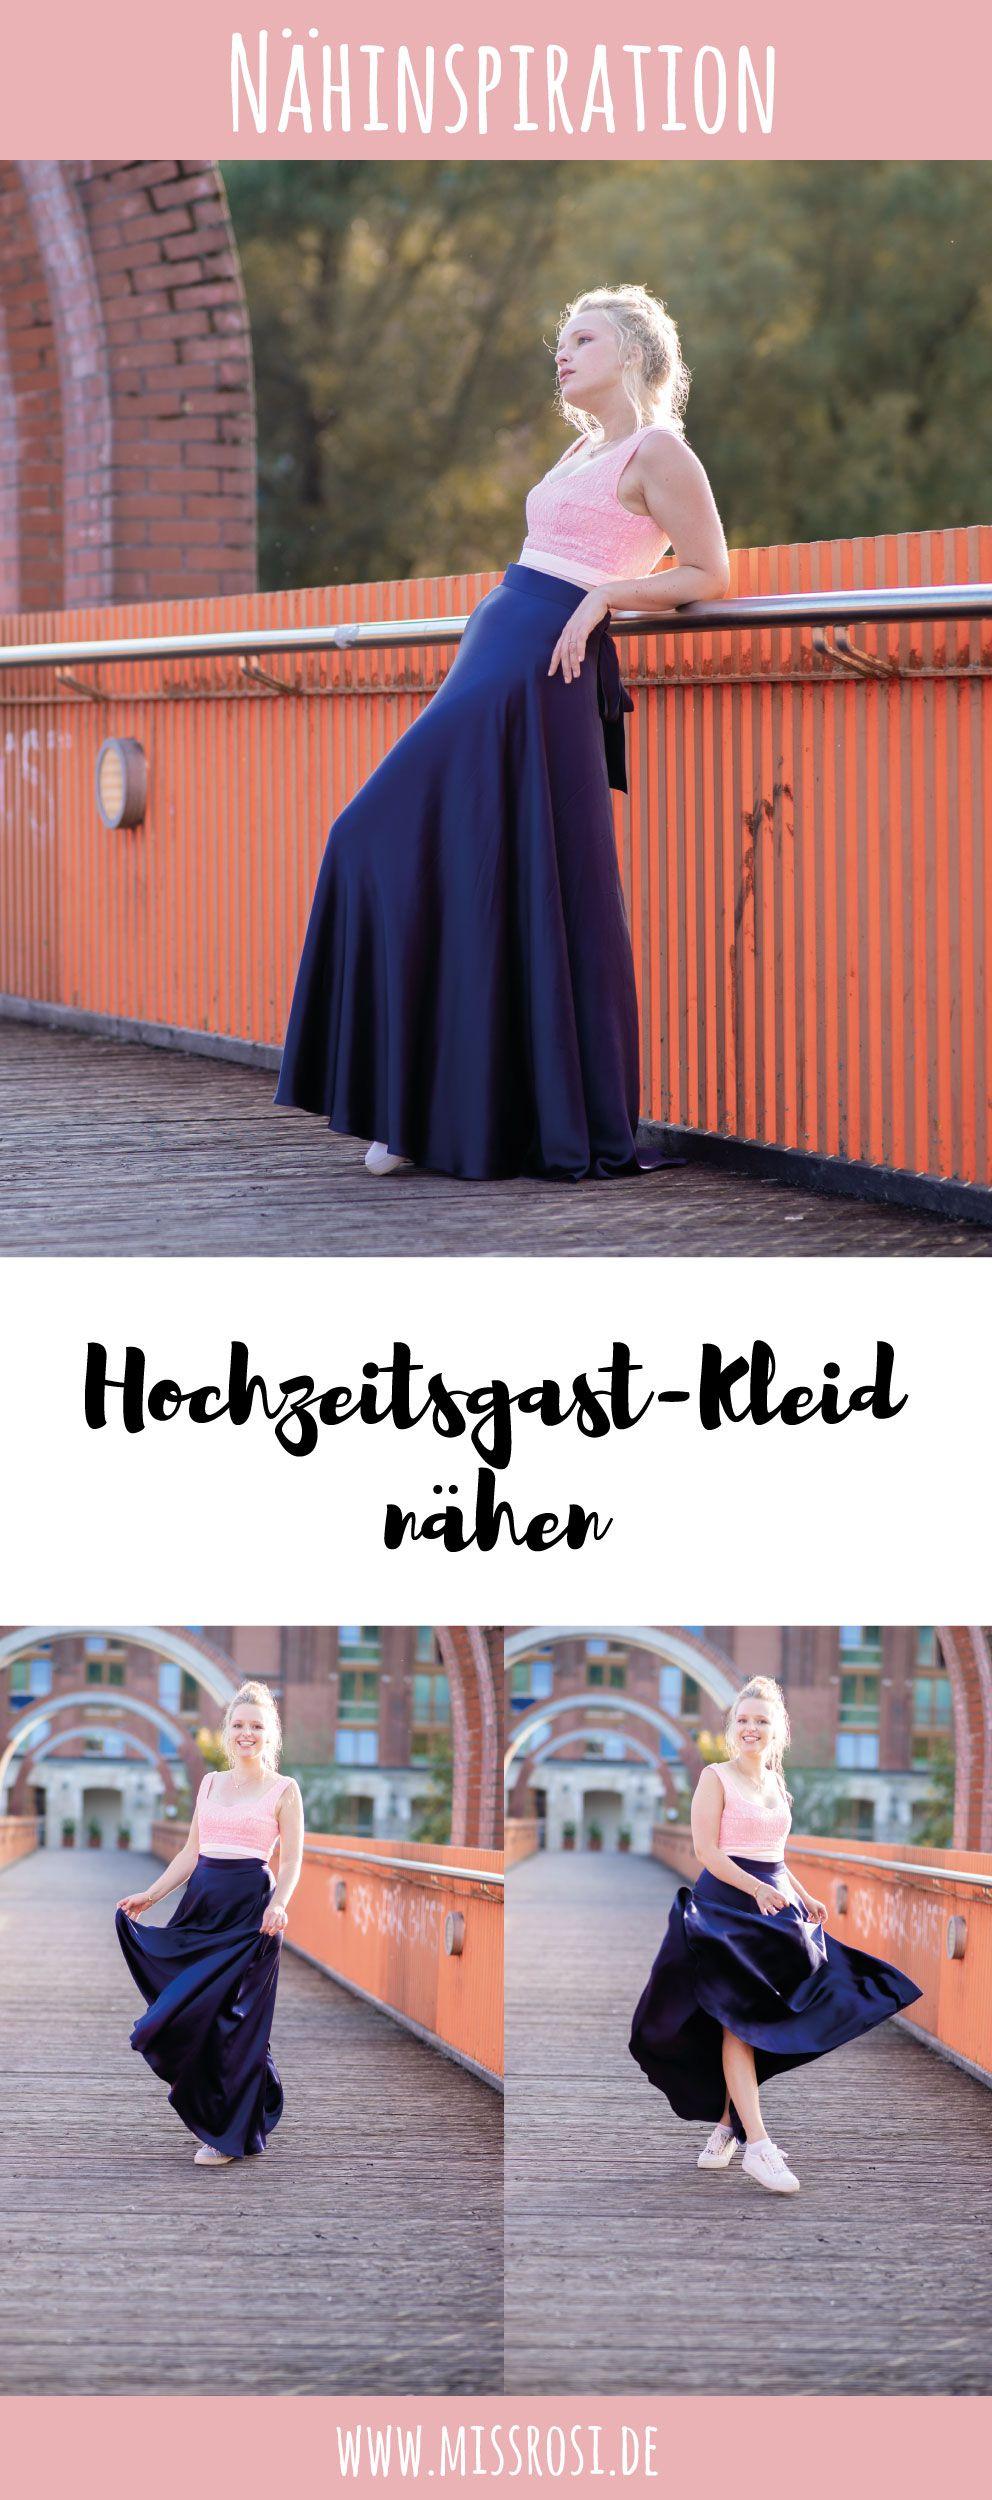 inspiration für ein hochzeitsgast outfit nähen - miss rosi